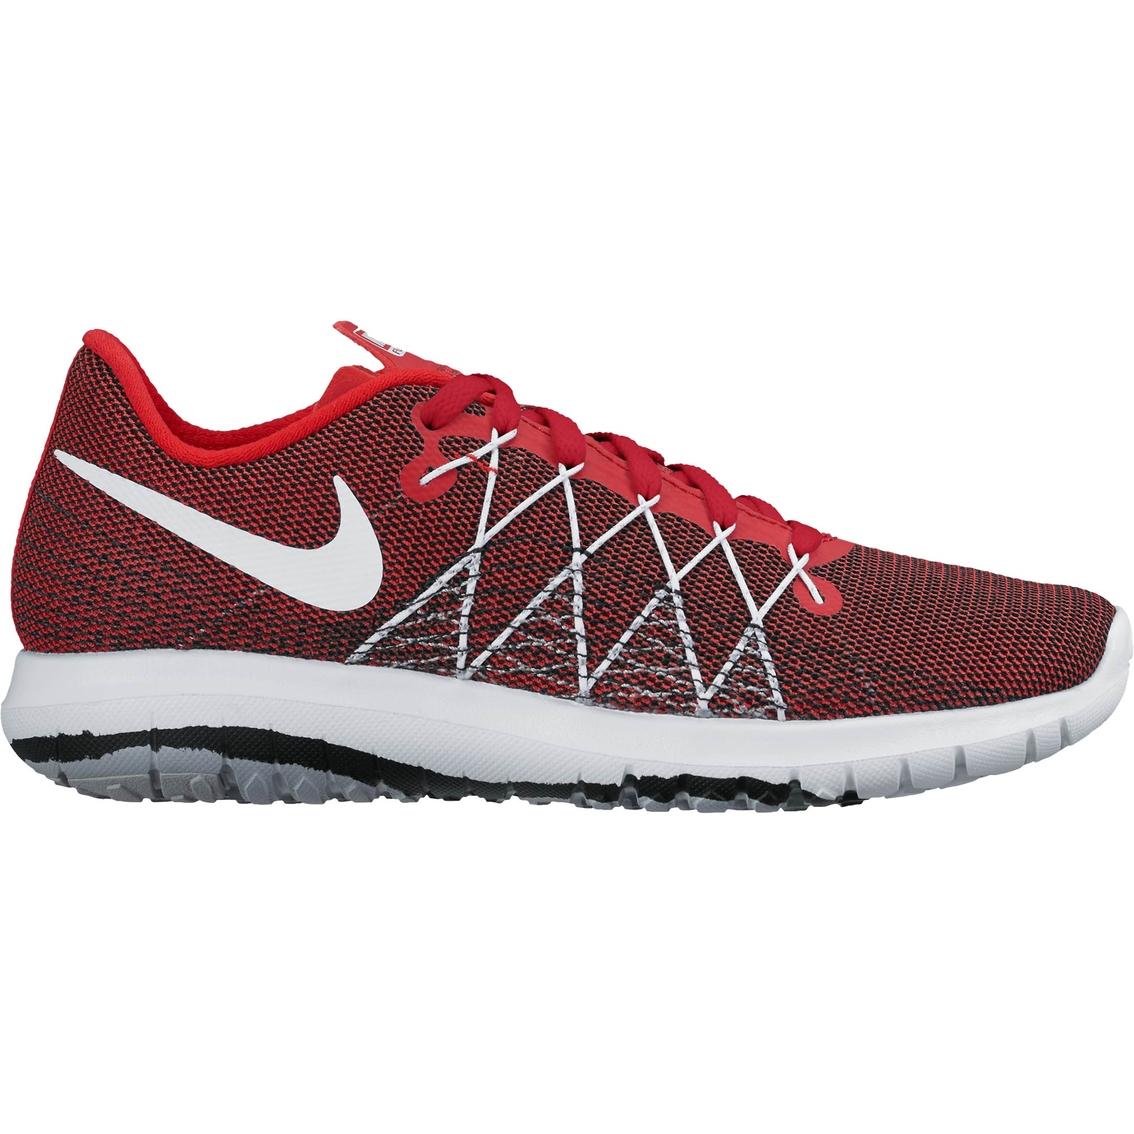 san francisco f38ec 13e8a Nike Boys Flex Fury 3 Running Shoes | Children's Athletic ...